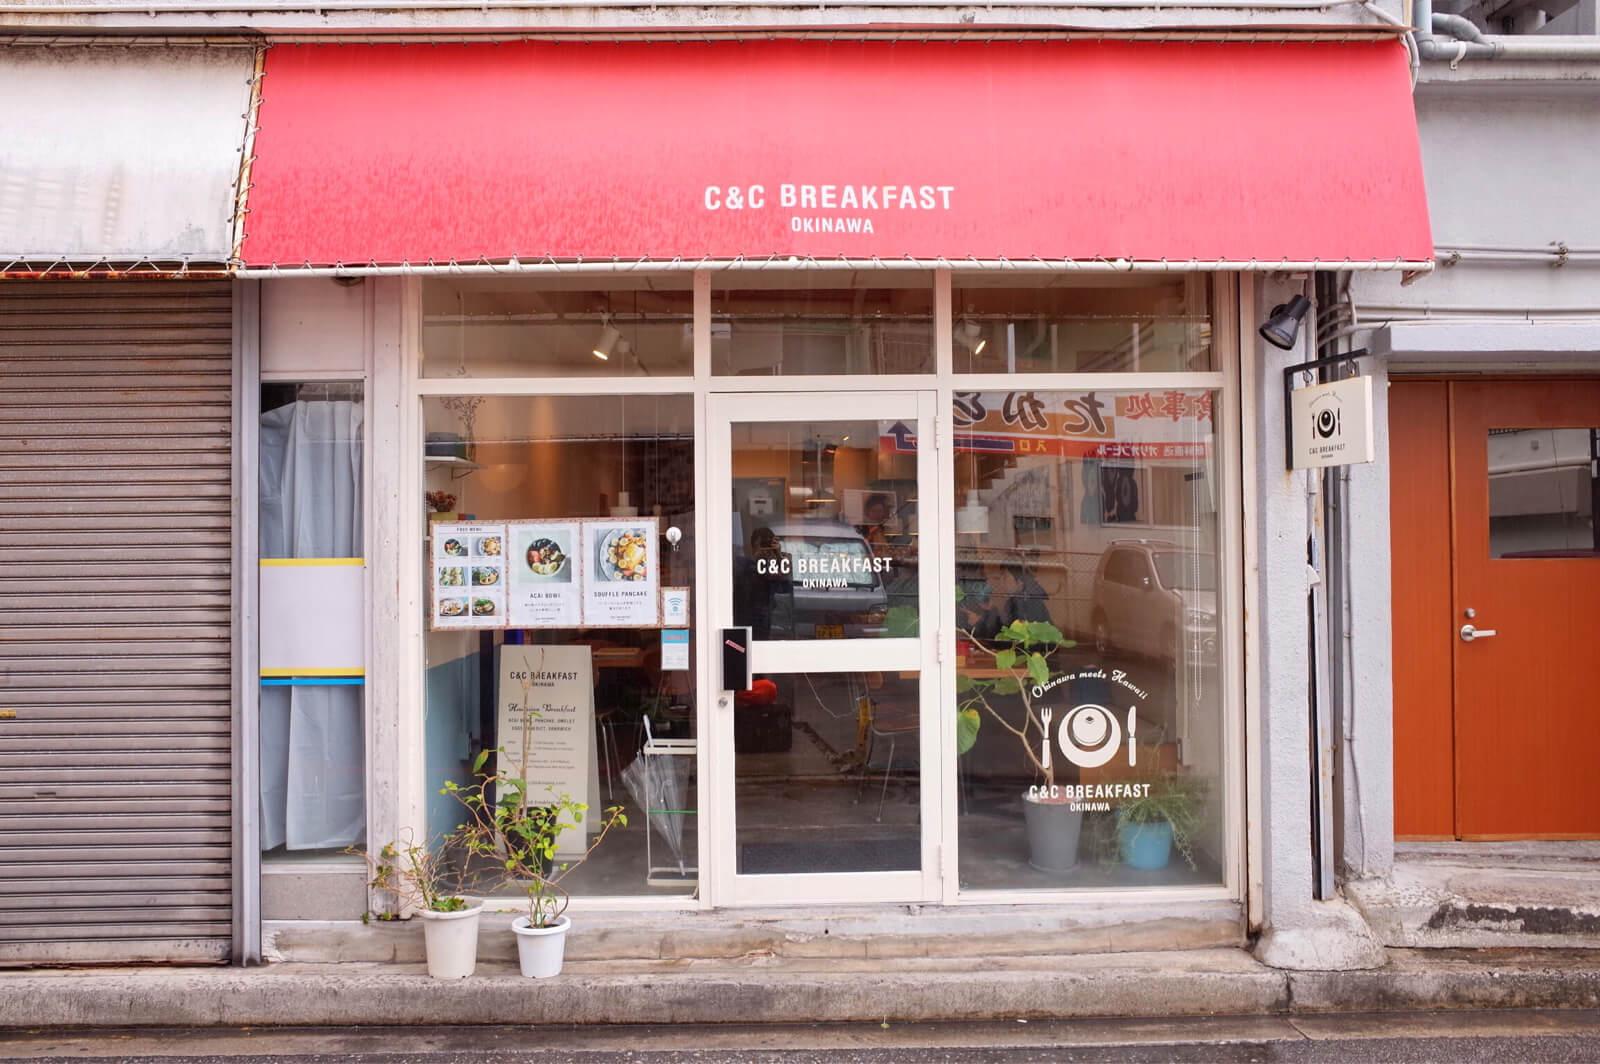 C&C BREAKFAST okinawa 店頭